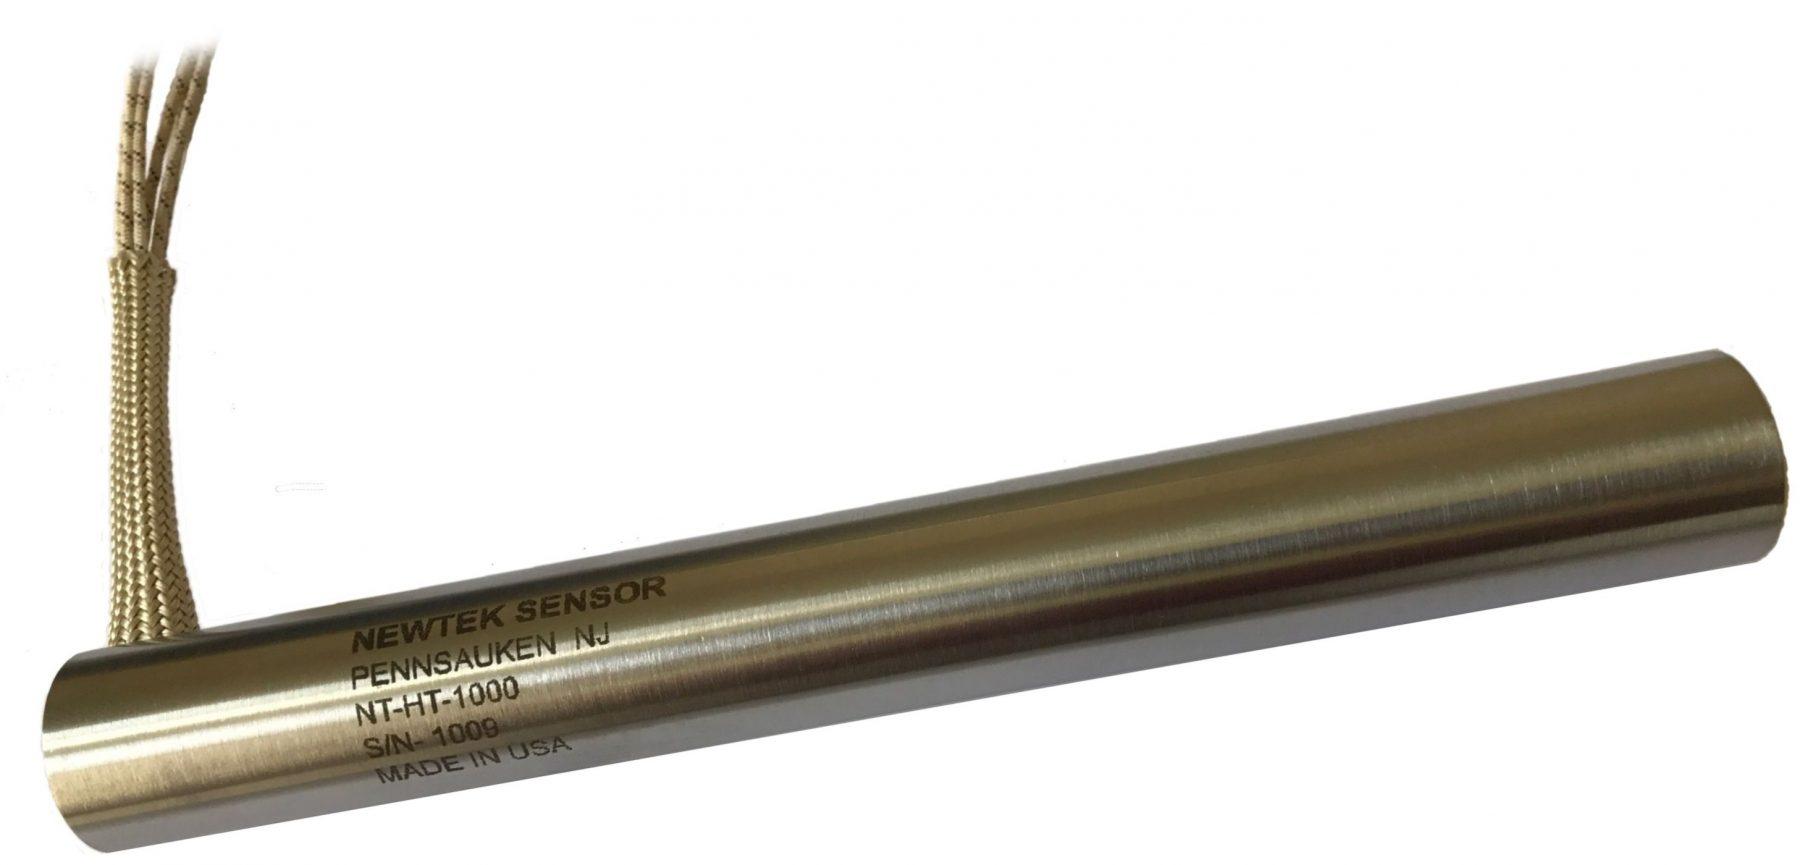 NewTek HT-1000 Series